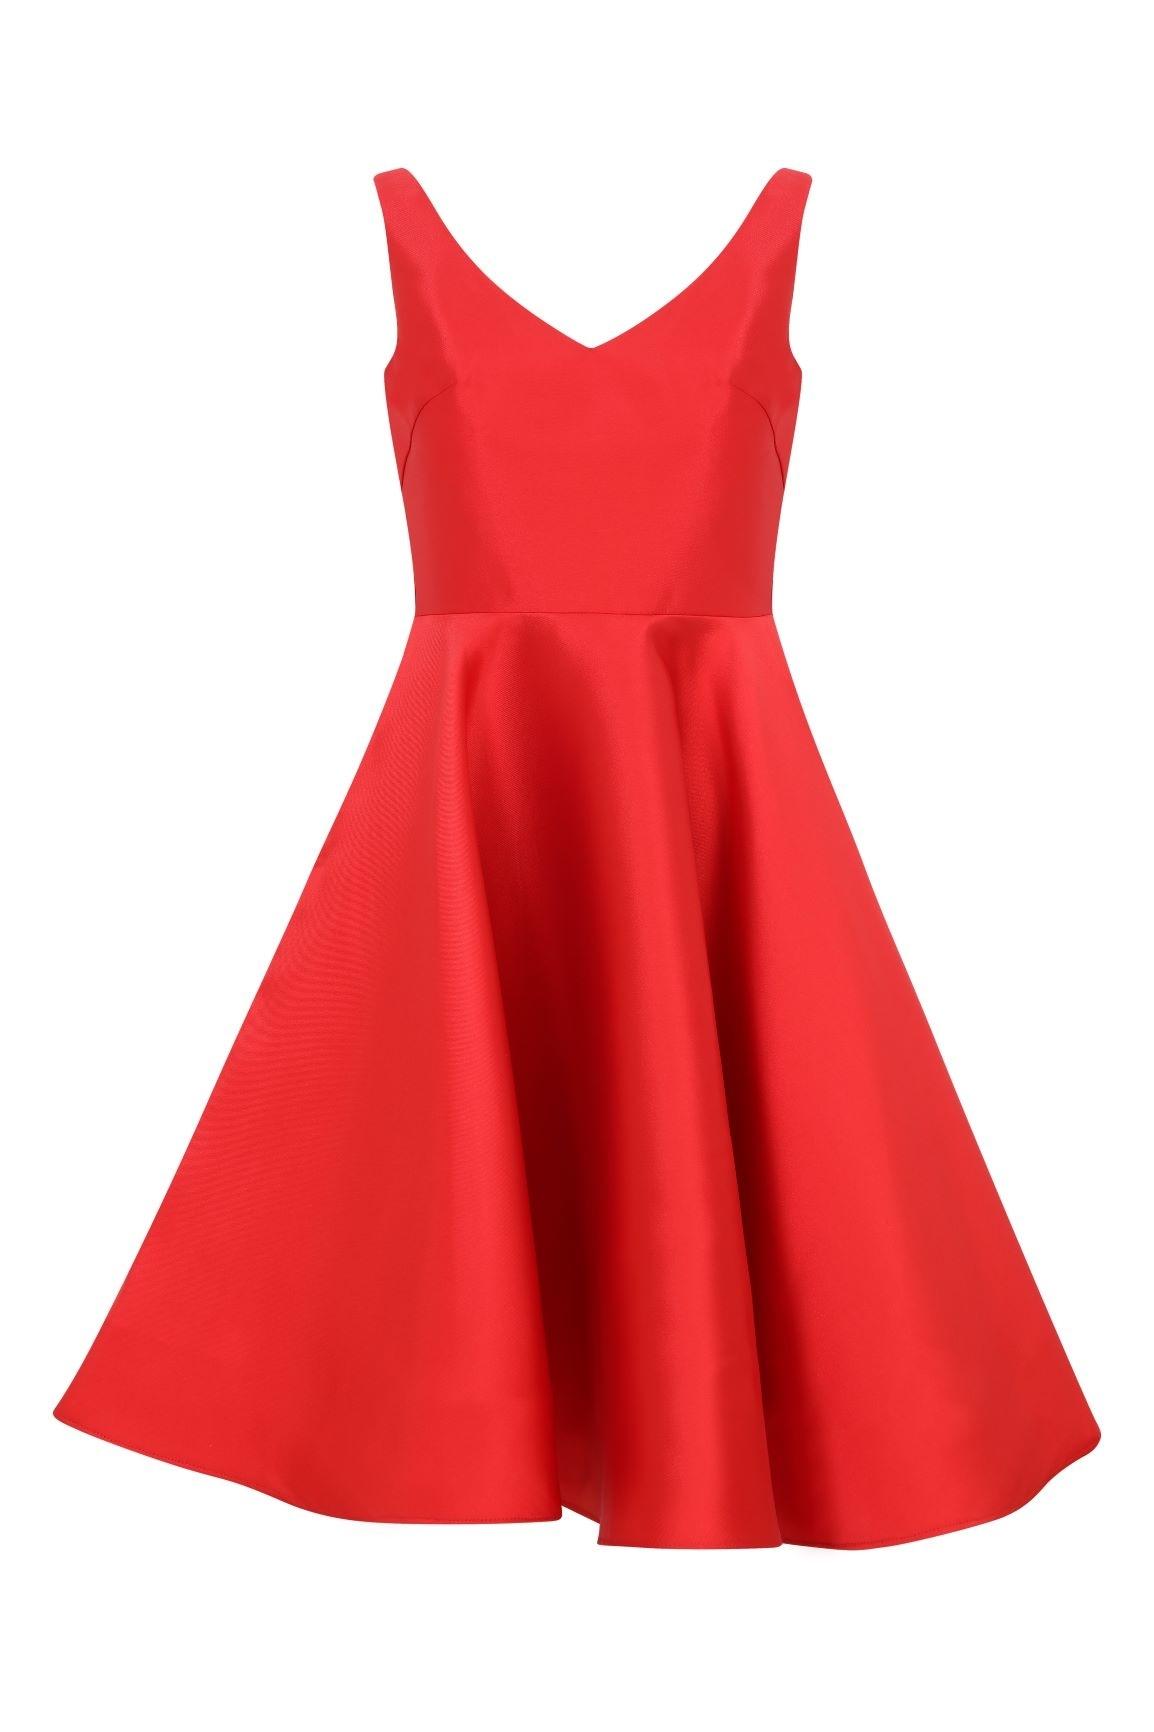 Kırmızı V Yakalı Kloş Etekli Kısa Abiye Elbise - Thumbnail